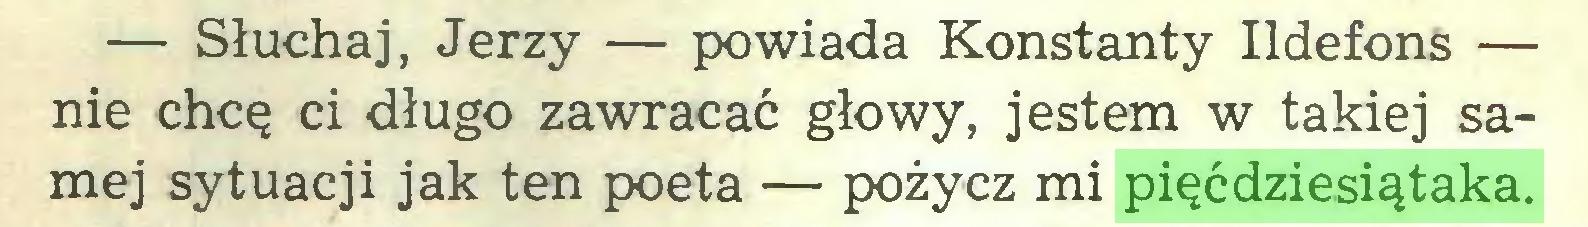 (...) — Słuchaj, Jerzy — powiada Konstanty Ildefons — nie chcę ci długo zawracać głowy, jestem w takiej samej sytuacji jak ten poeta — pożycz mi pięćdziesiątaka...